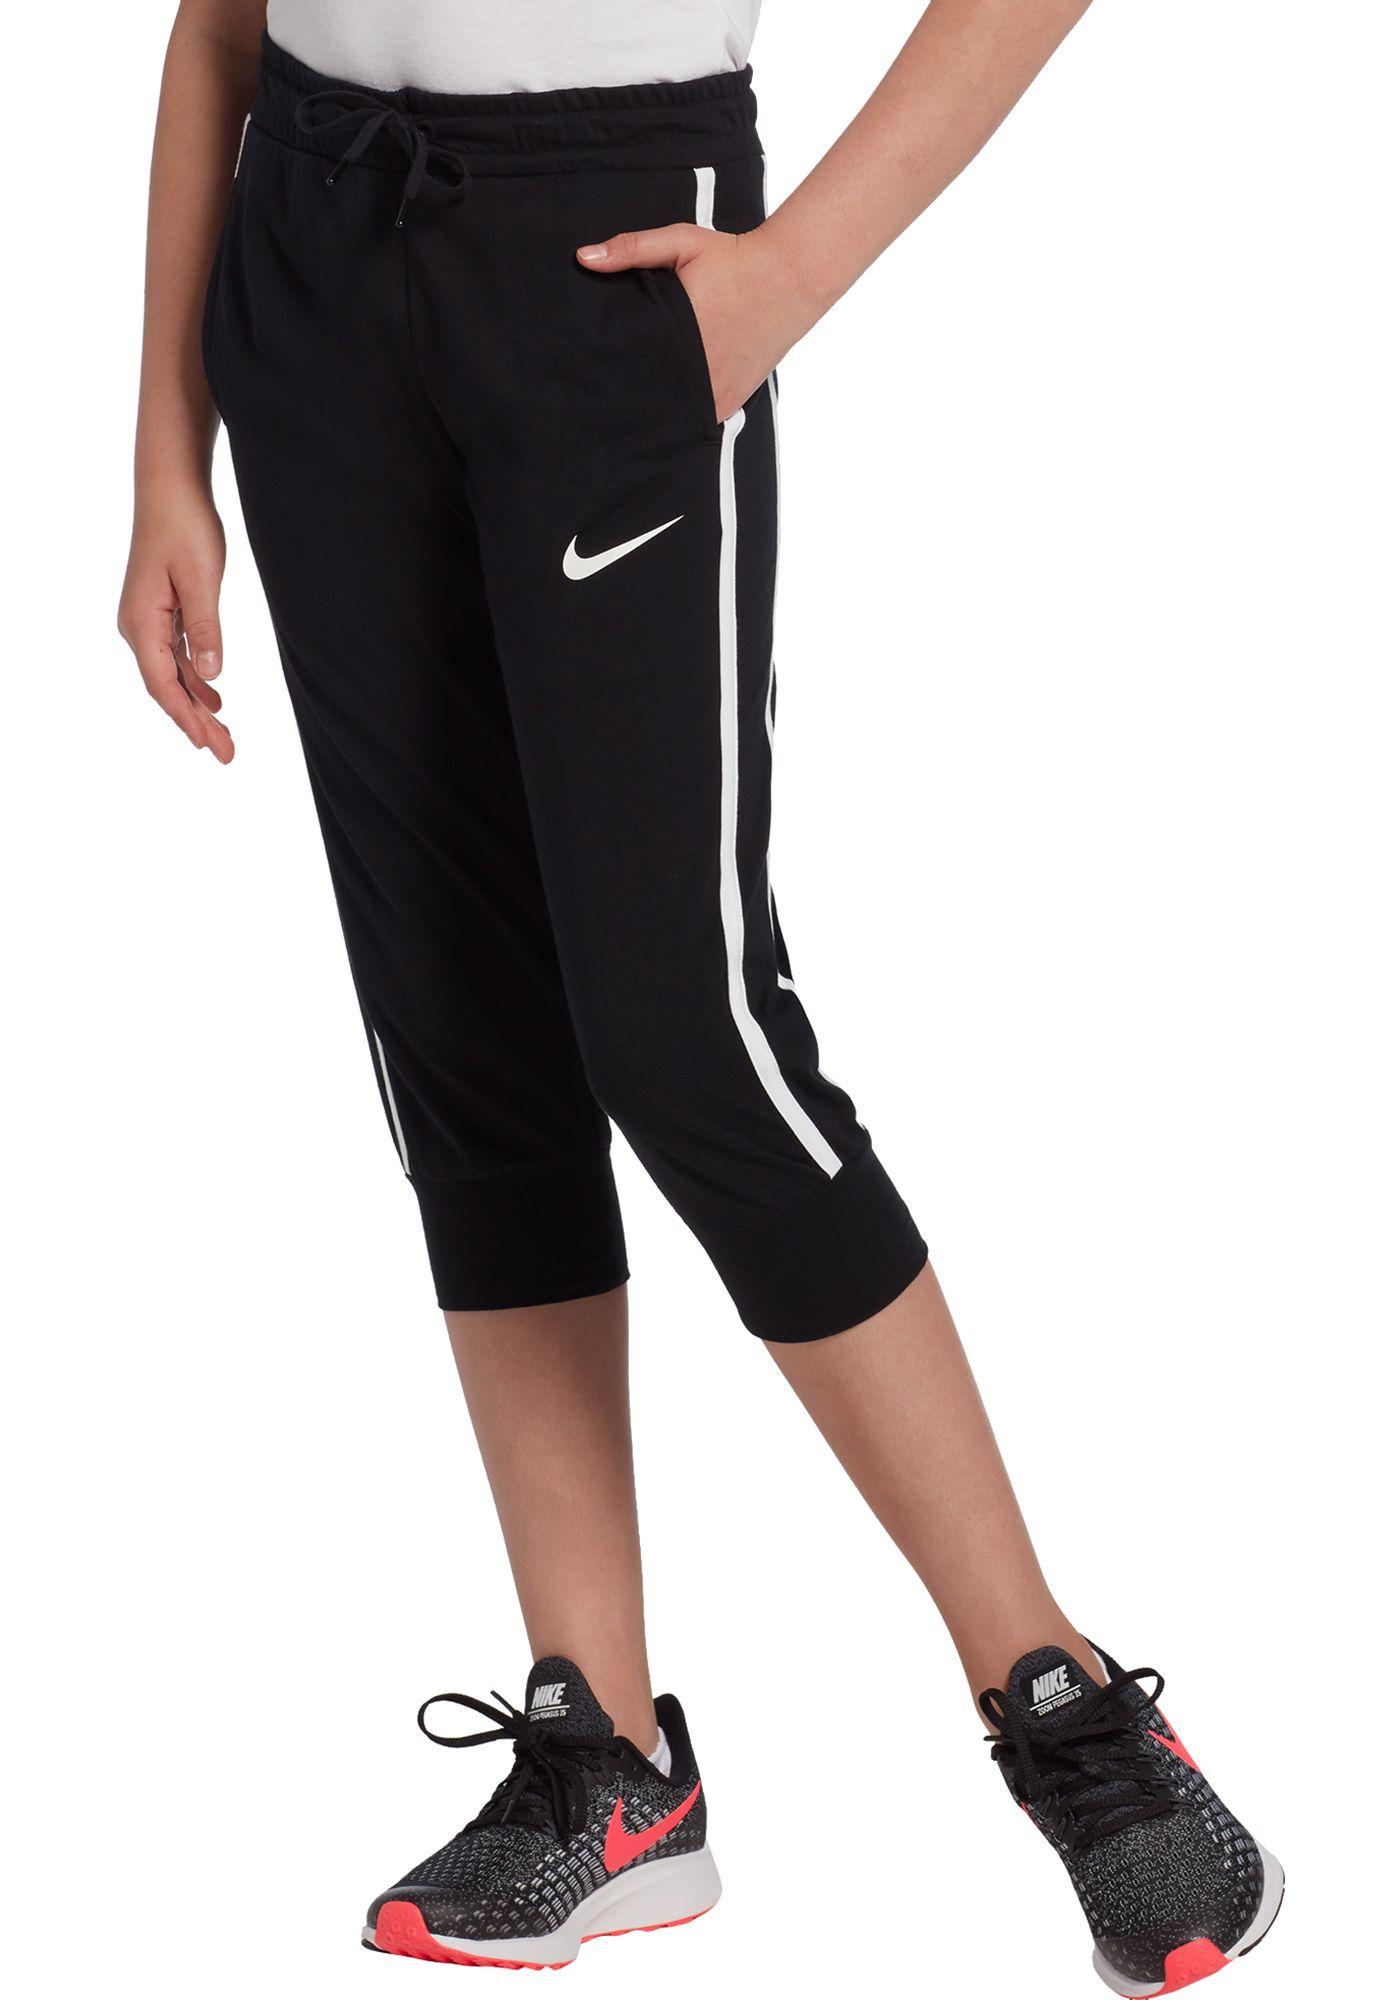 Nike Girls' Sportswear Jersey Capris